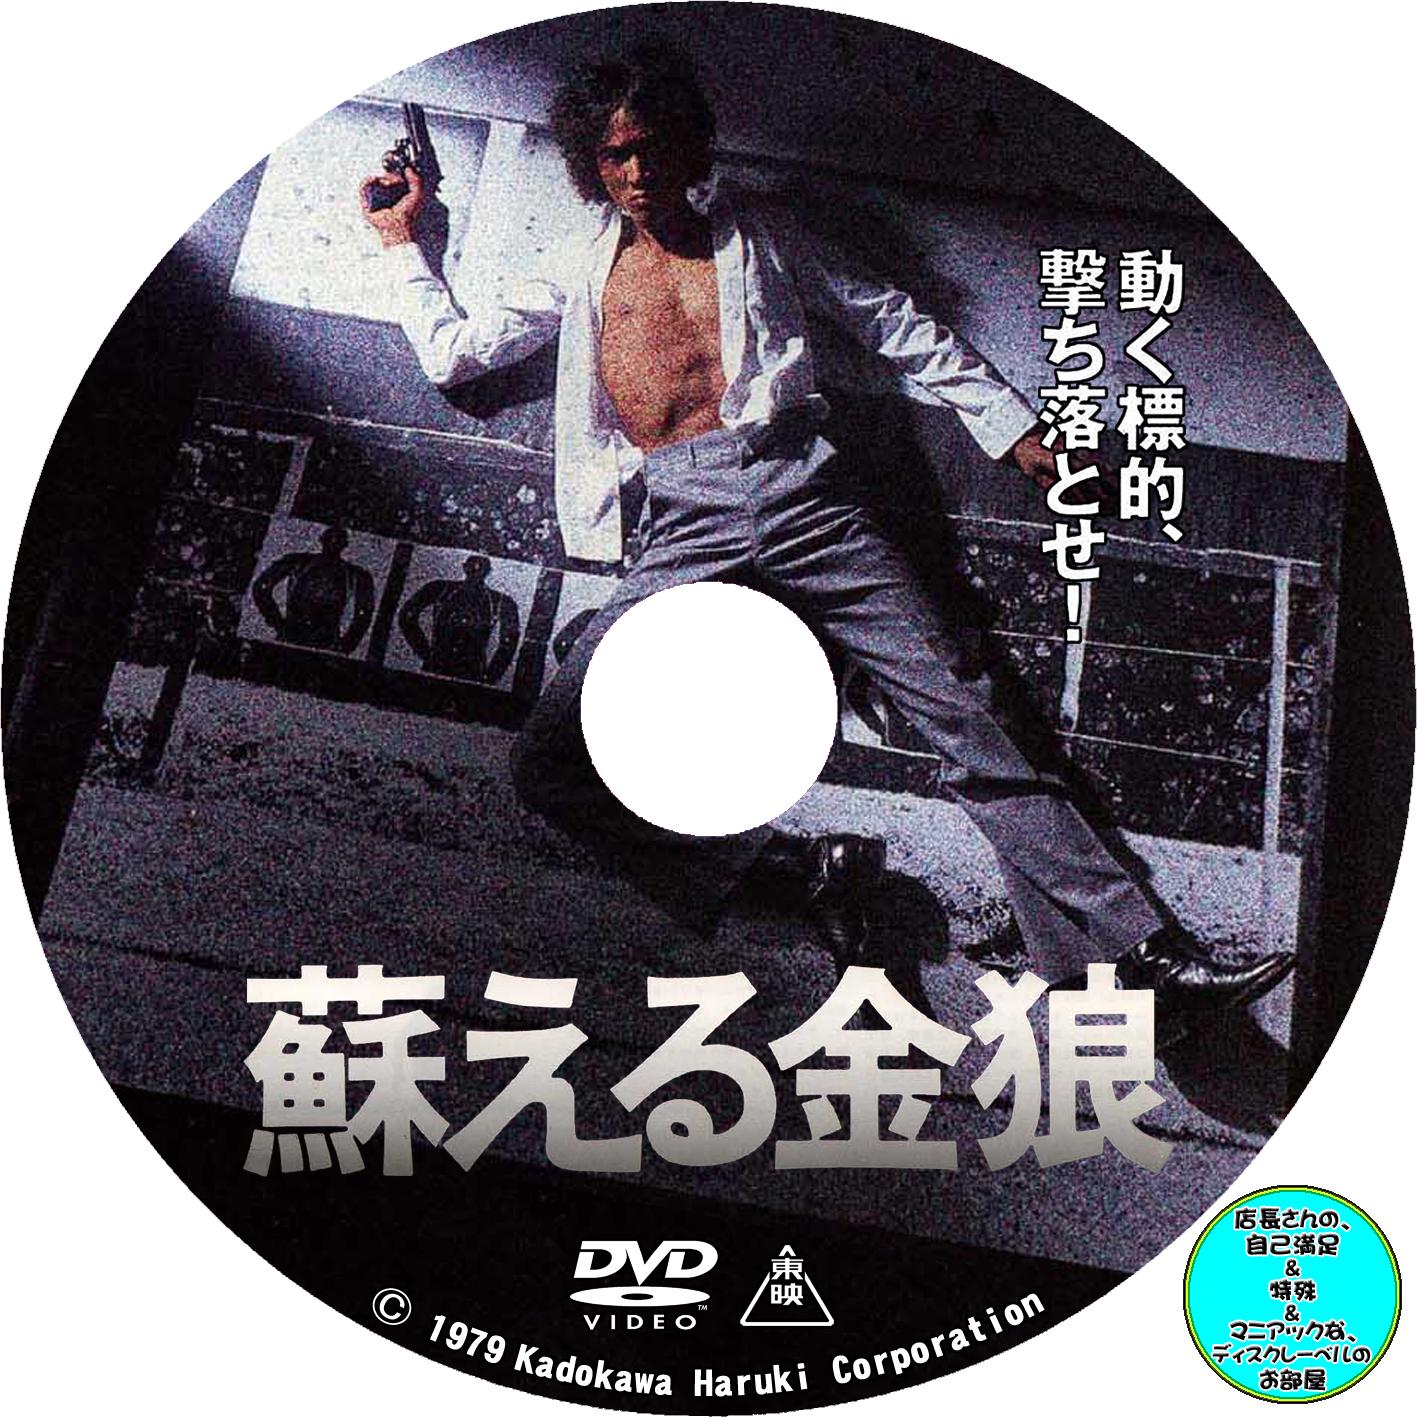 蘇る金狼(1979) - 店長さんの、...